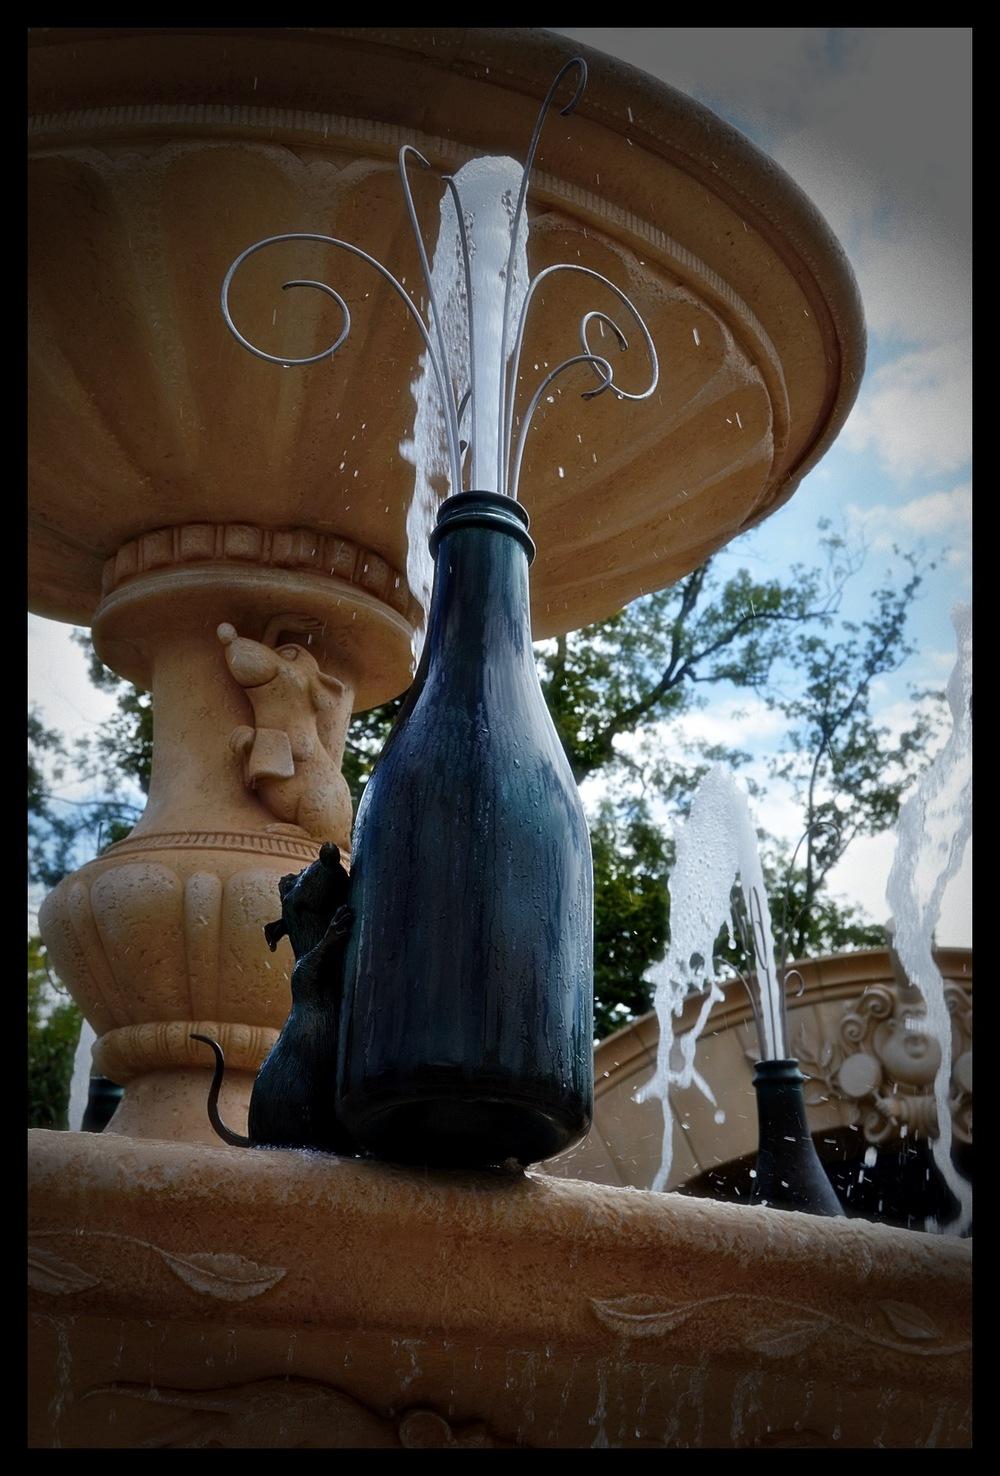 tania karaportfoliobox.fr - fontaine de remy